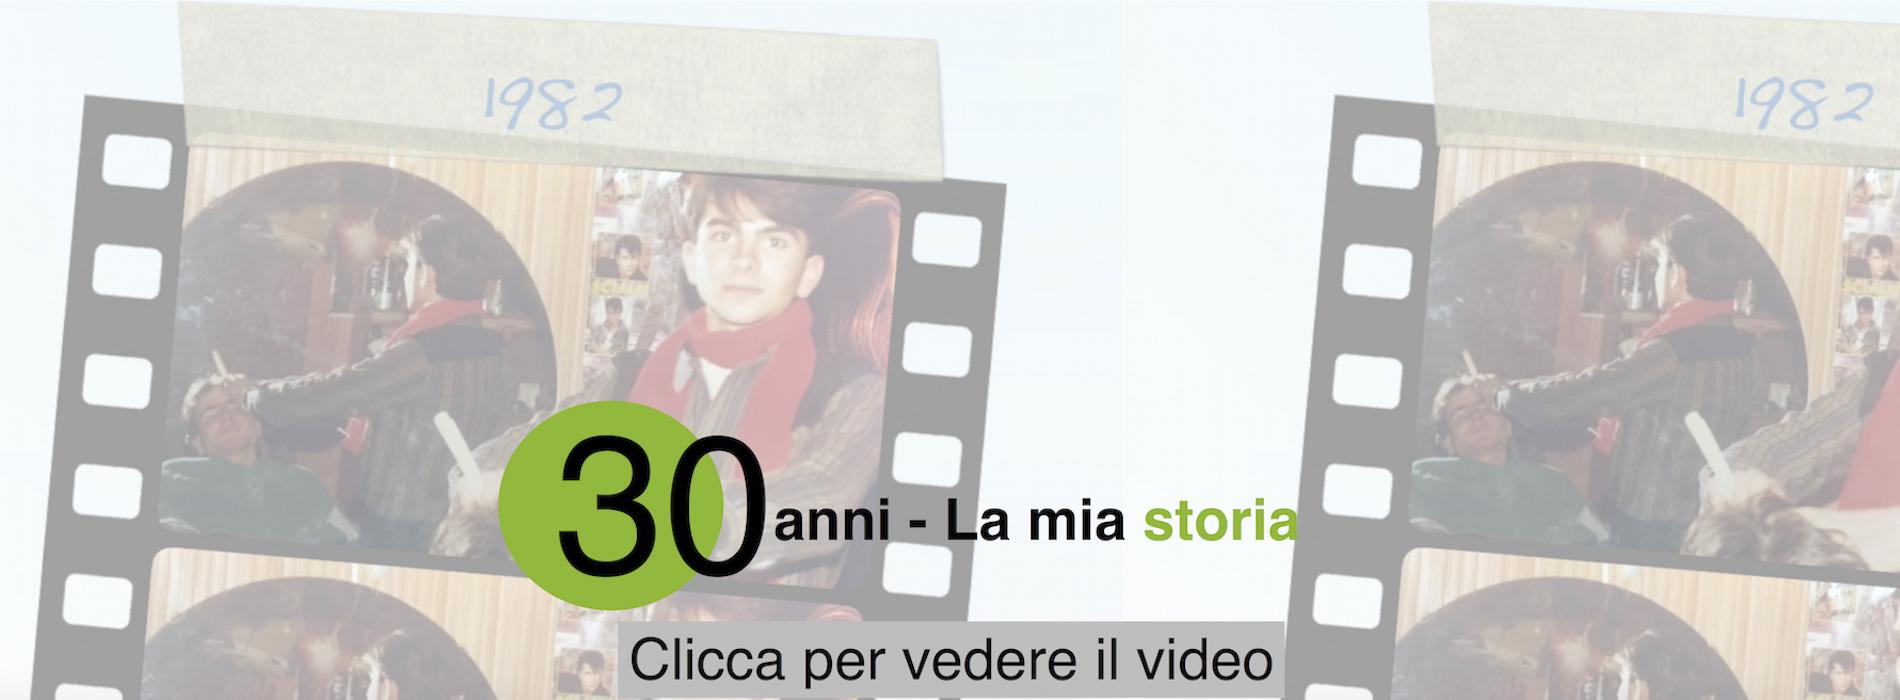 Trent'anni di carriera - Il video